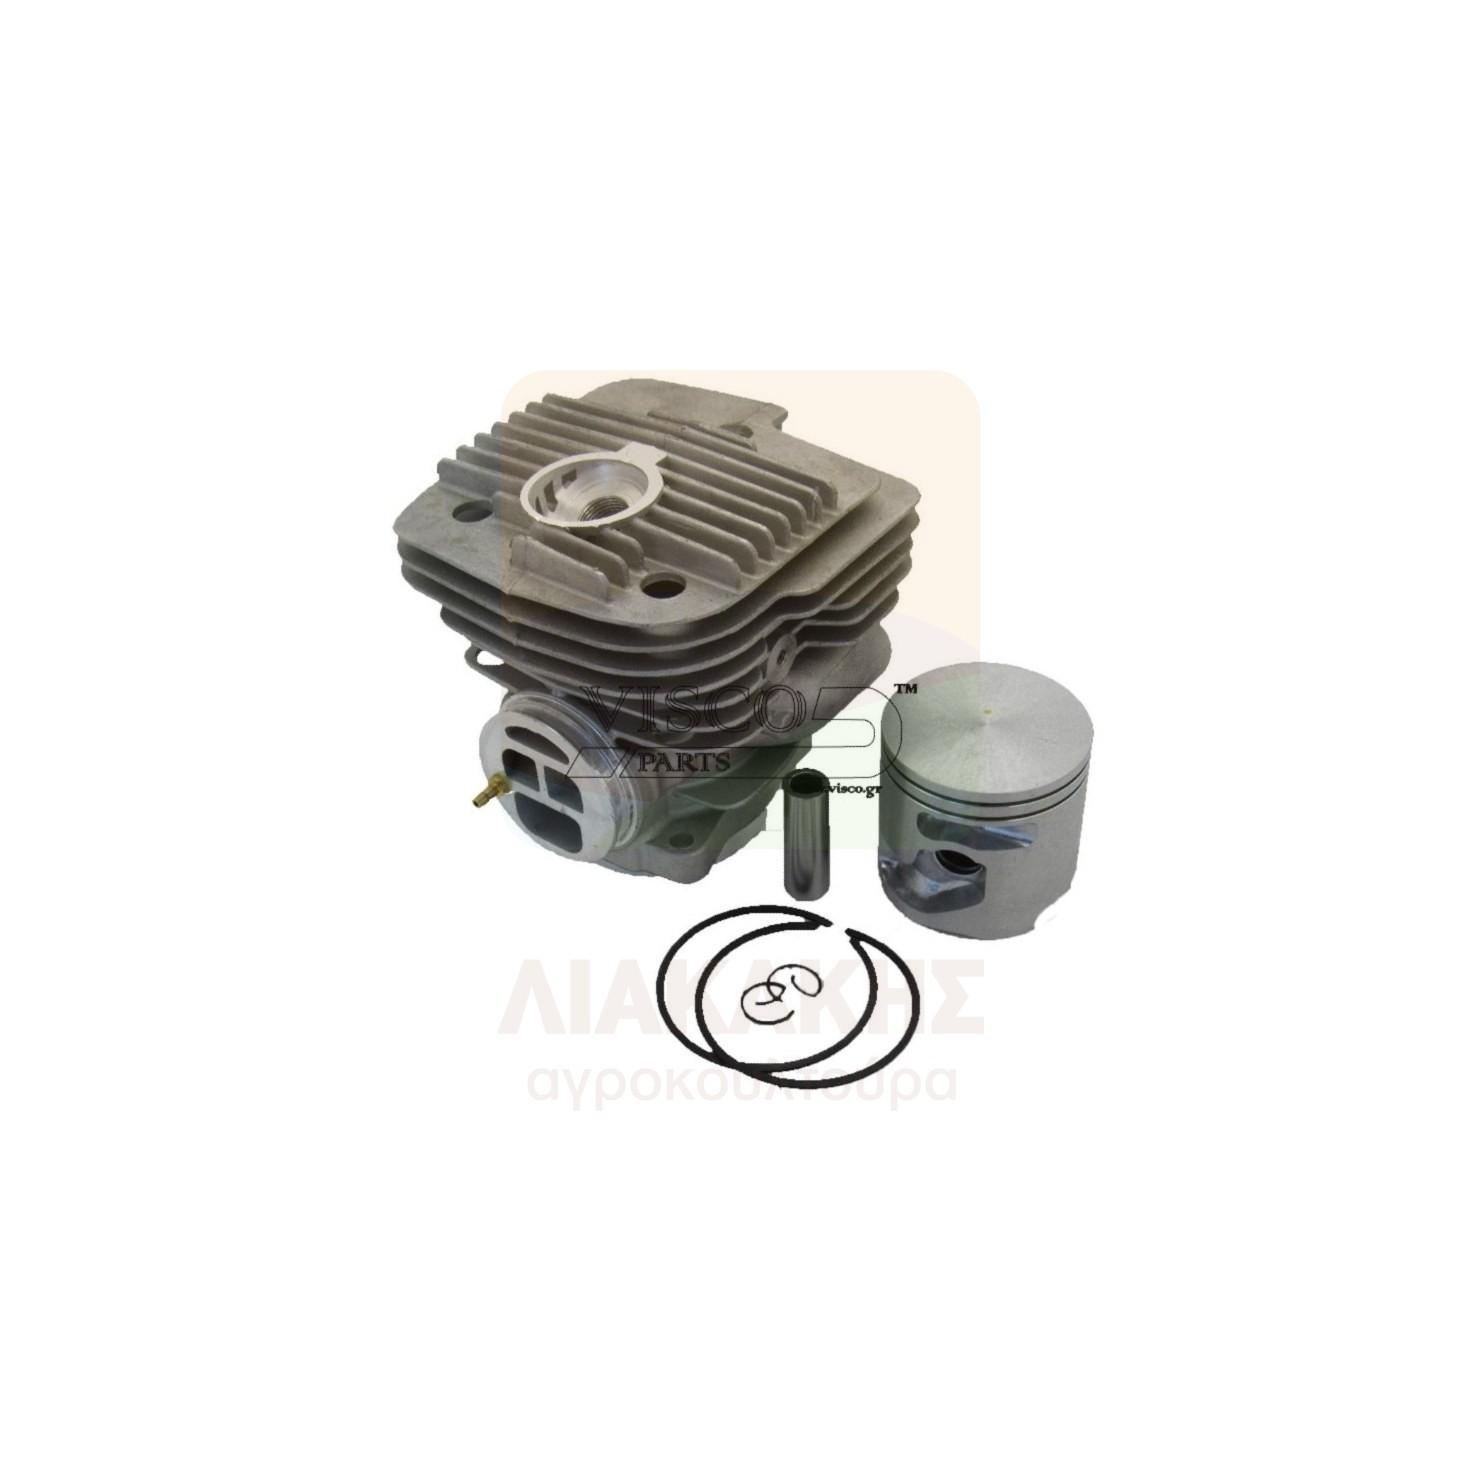 ΚΥΠ-100 Κυλινδροπίστονο PARTNER Κ960-970 (56ΜΜ)